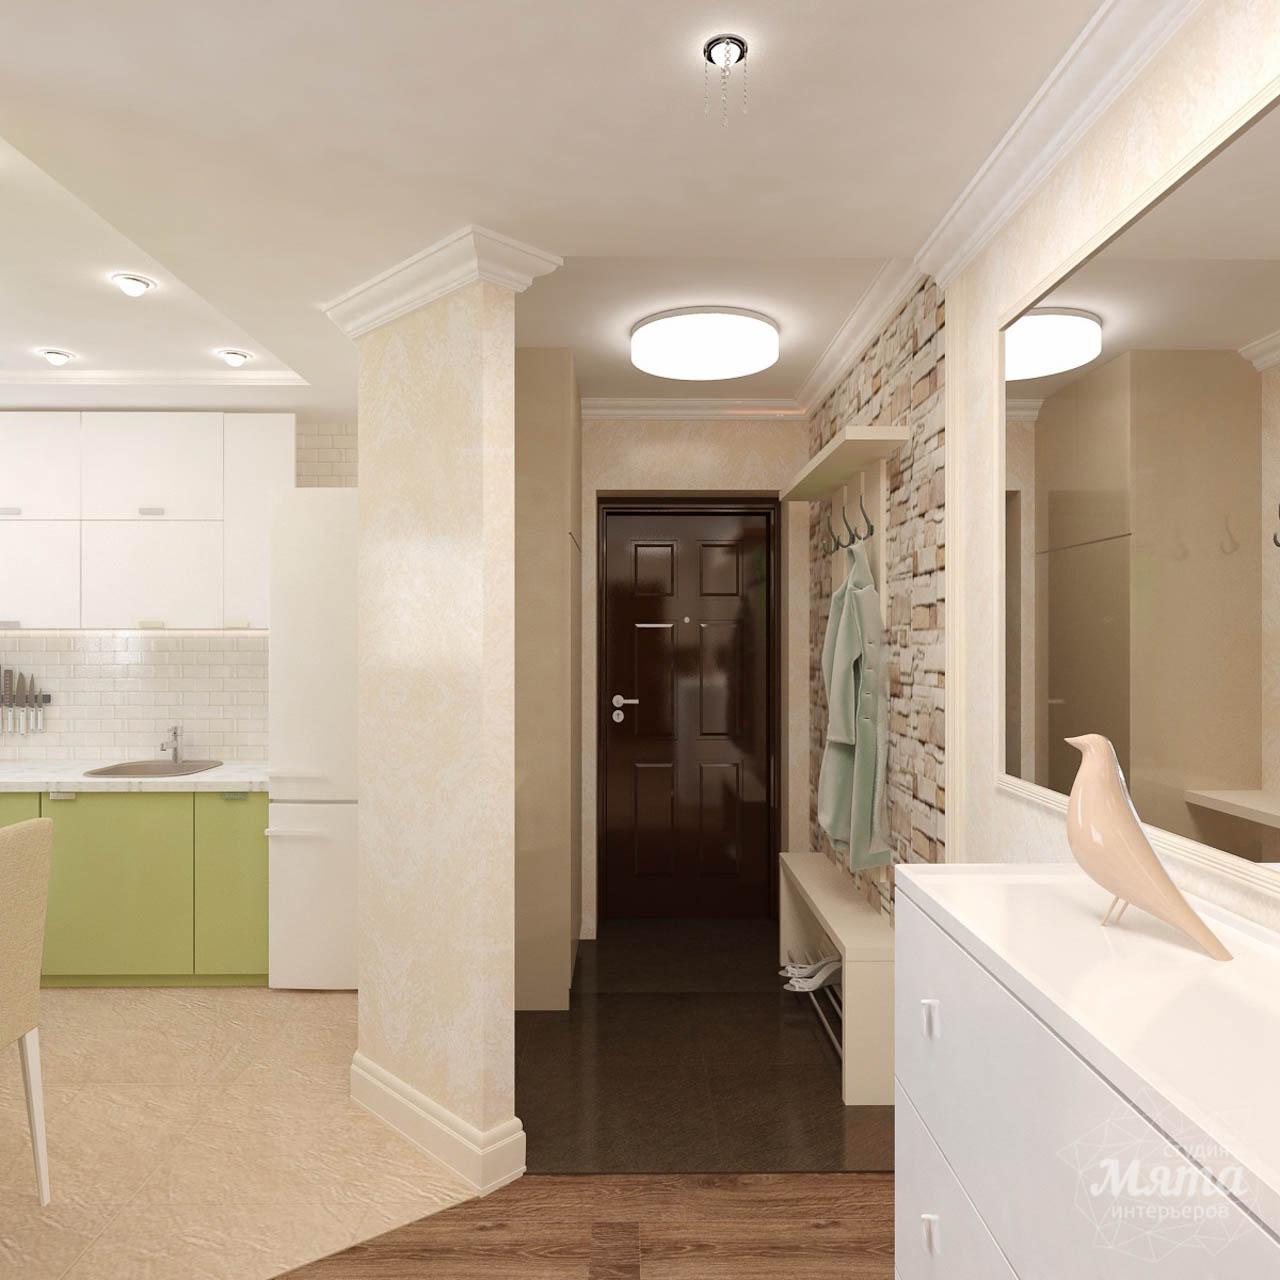 Дизайн интерьера двухкомнатной квартиры по ул. Бебеля 156 img1971643988